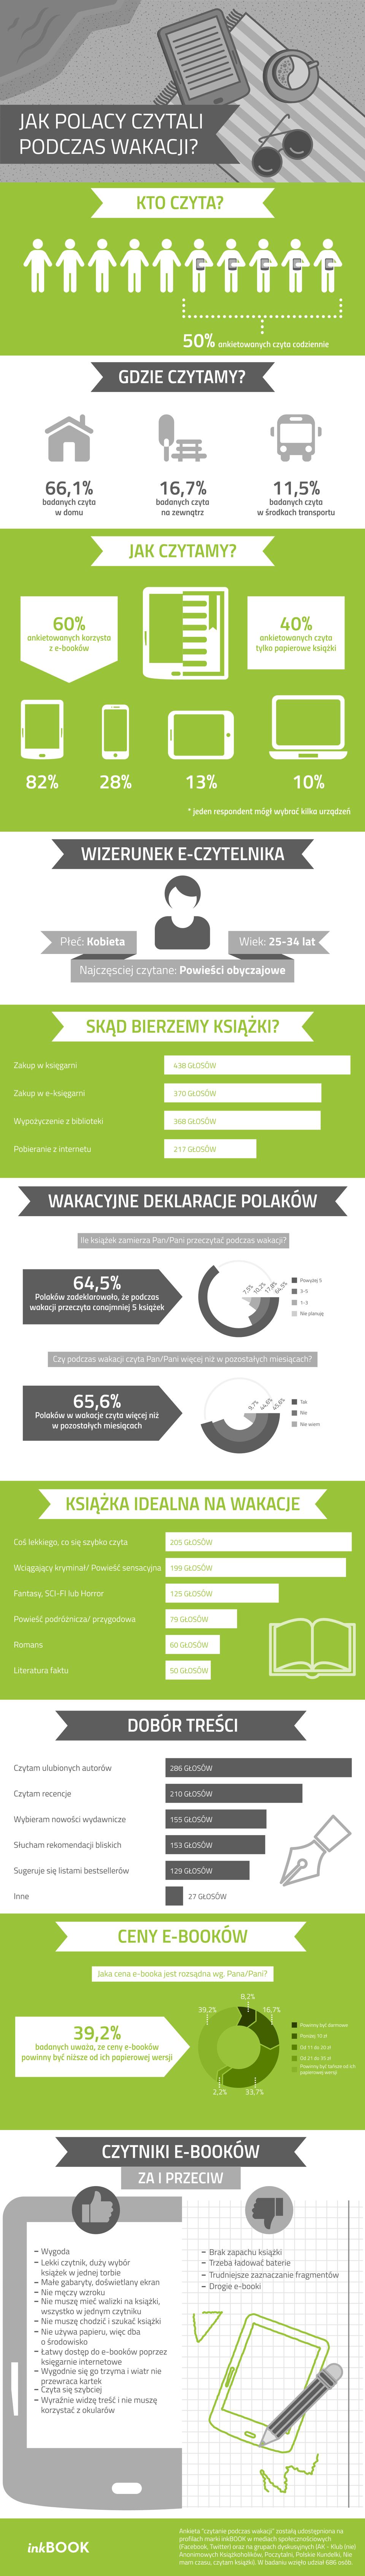 Jak Polacy czytali podczas wakacji? Infografika